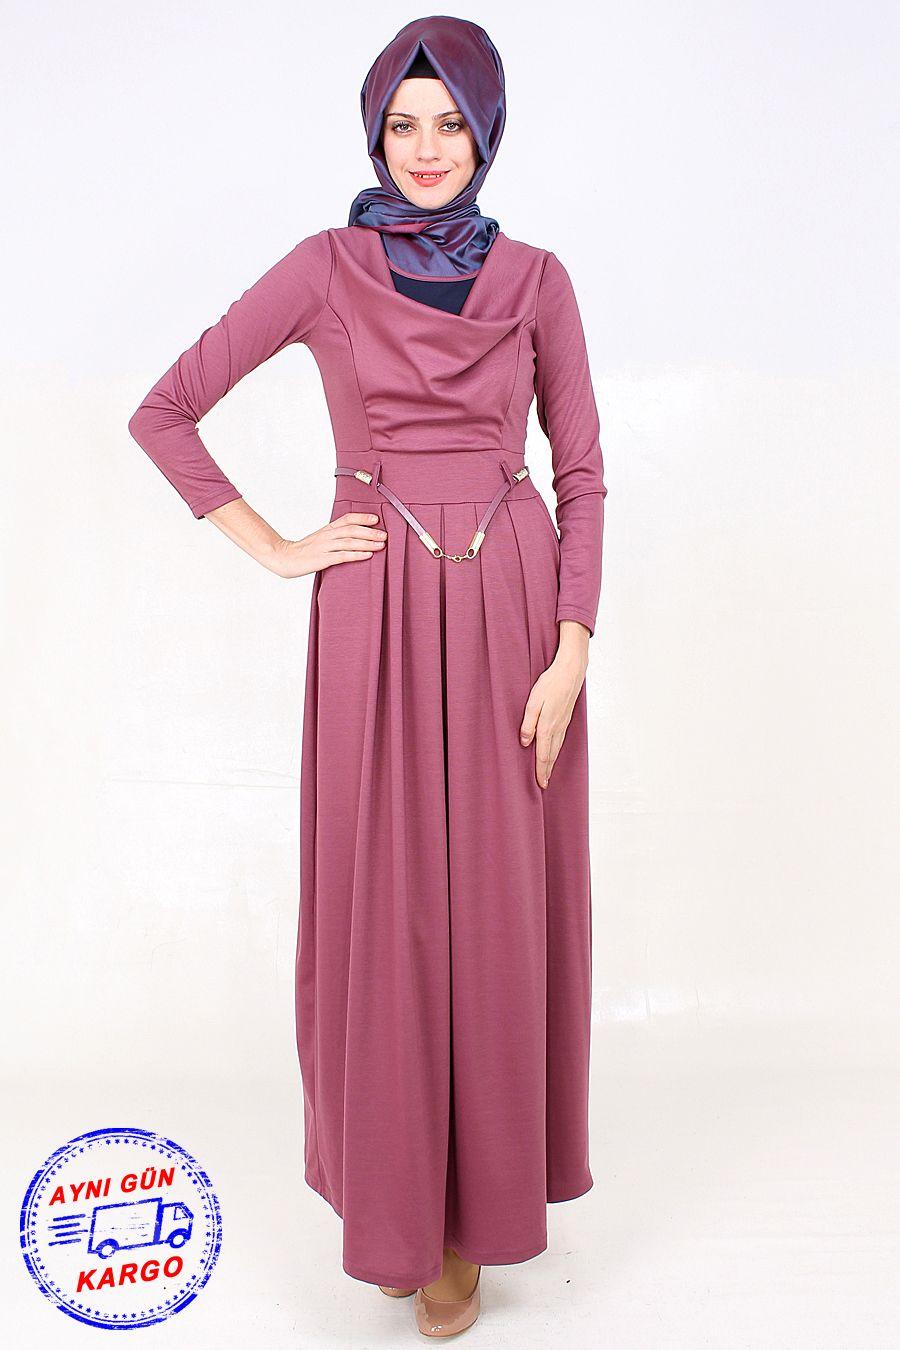 Bol Yaka Cepli Gul Kurusu Tesettur Elbise Modeli Viskon Kumastan Uretilmis Olup 145 Cm Boyundadir Urun Astarsizdir Fashion Hijab